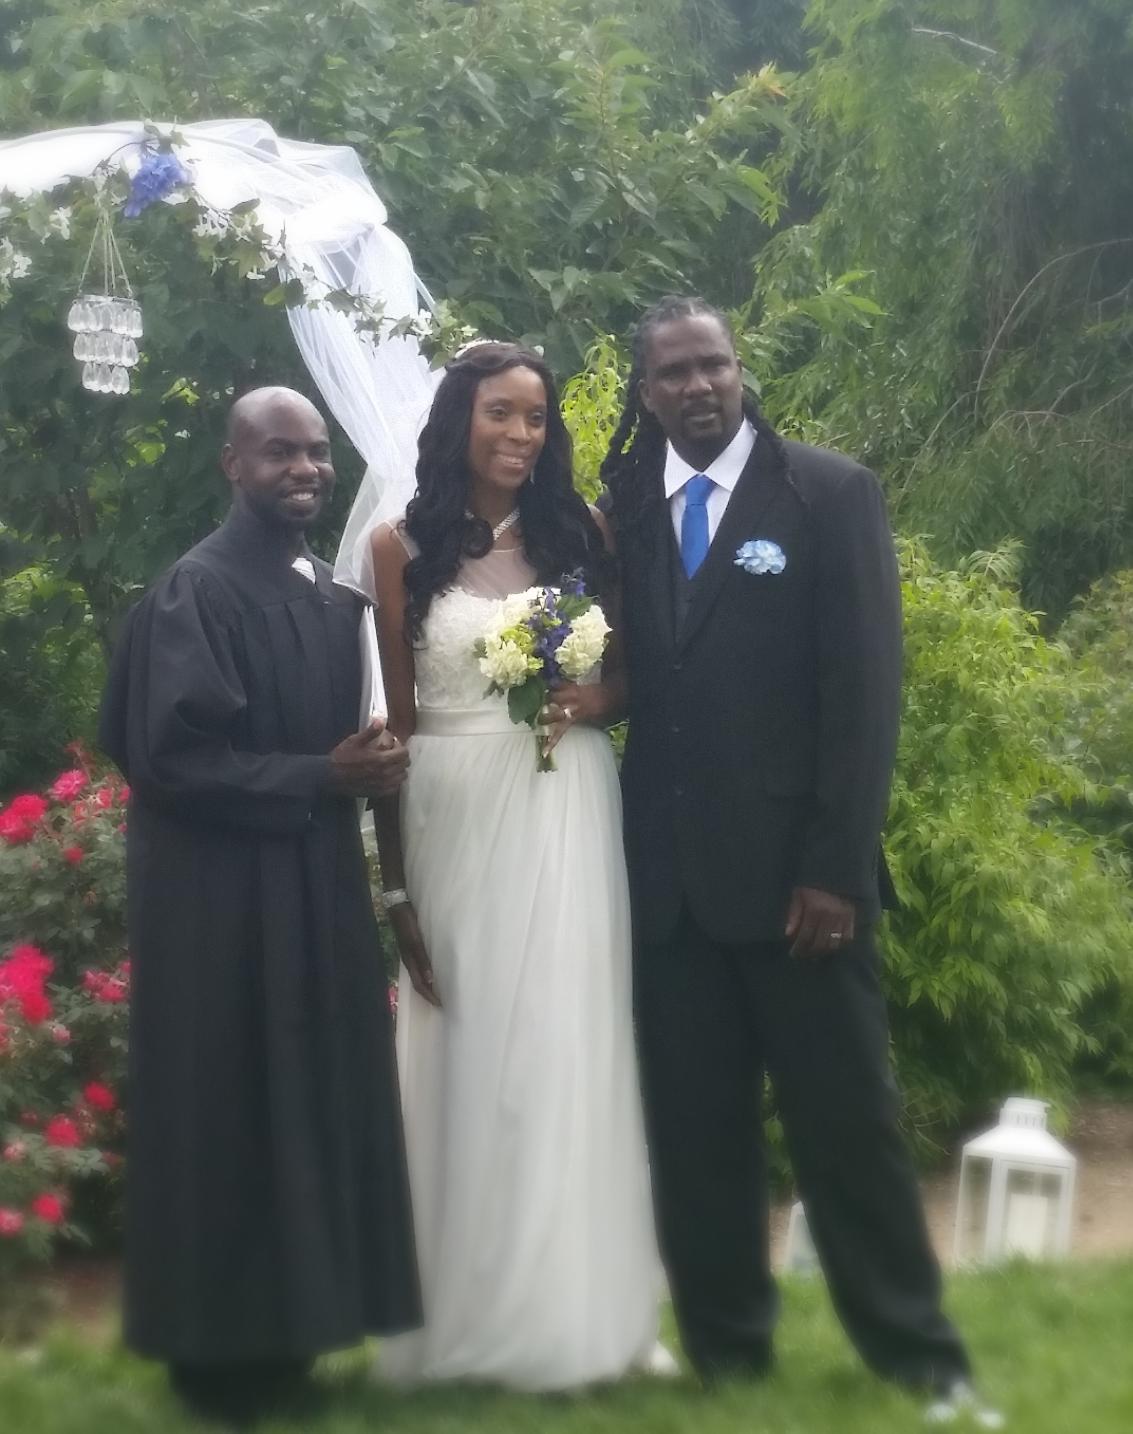 Justice Victor, Francis & Kim